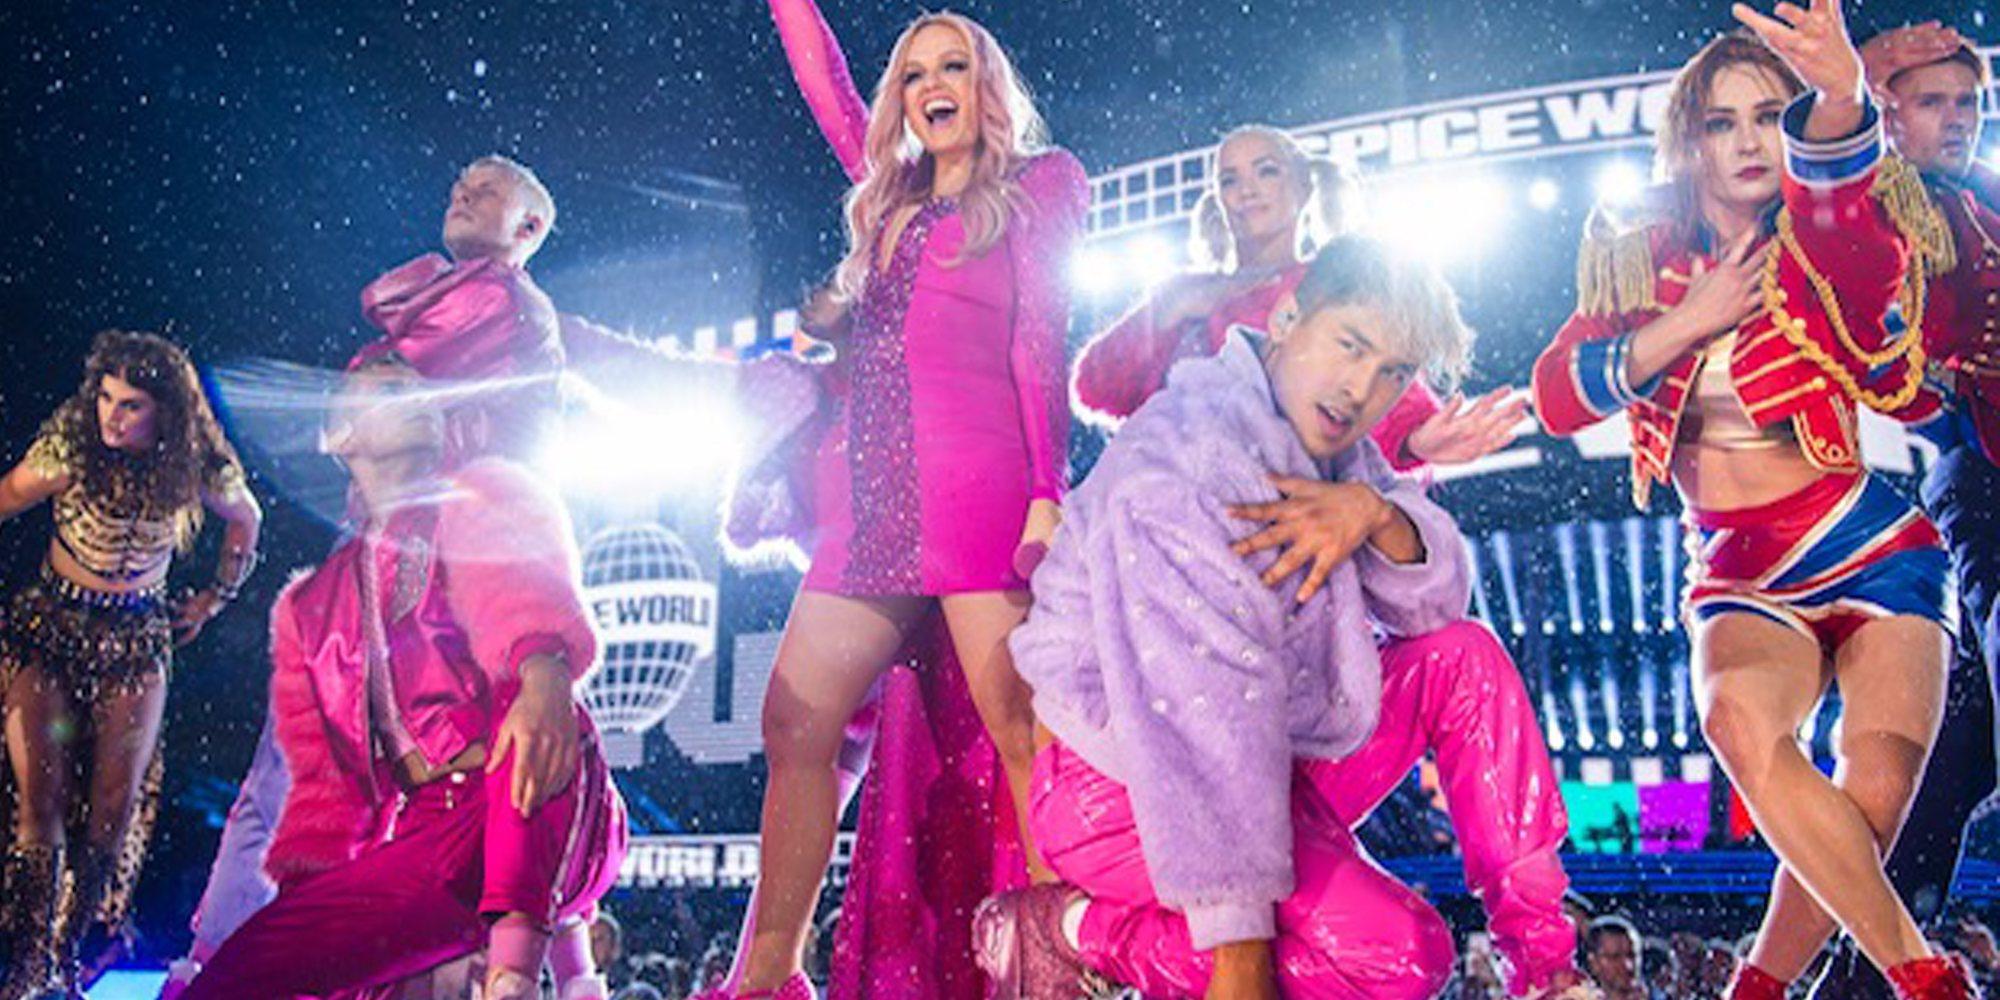 """Josh Huerta tras el 'Spice World Tour': """"Estaría dispuestísimo a volver"""""""